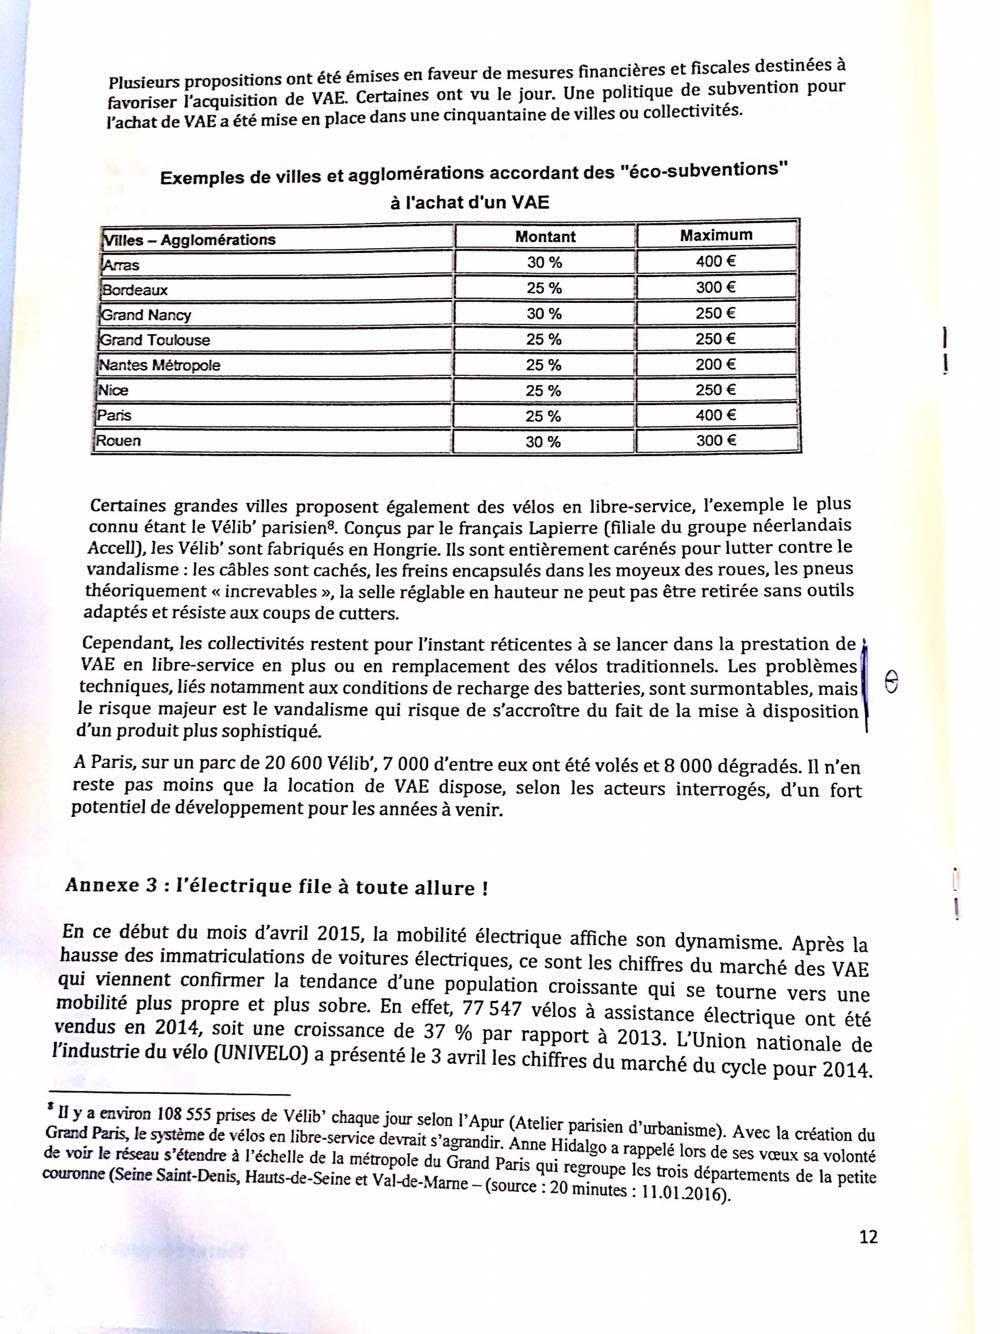 Management-Gestion EM Strasbourg - Page 12